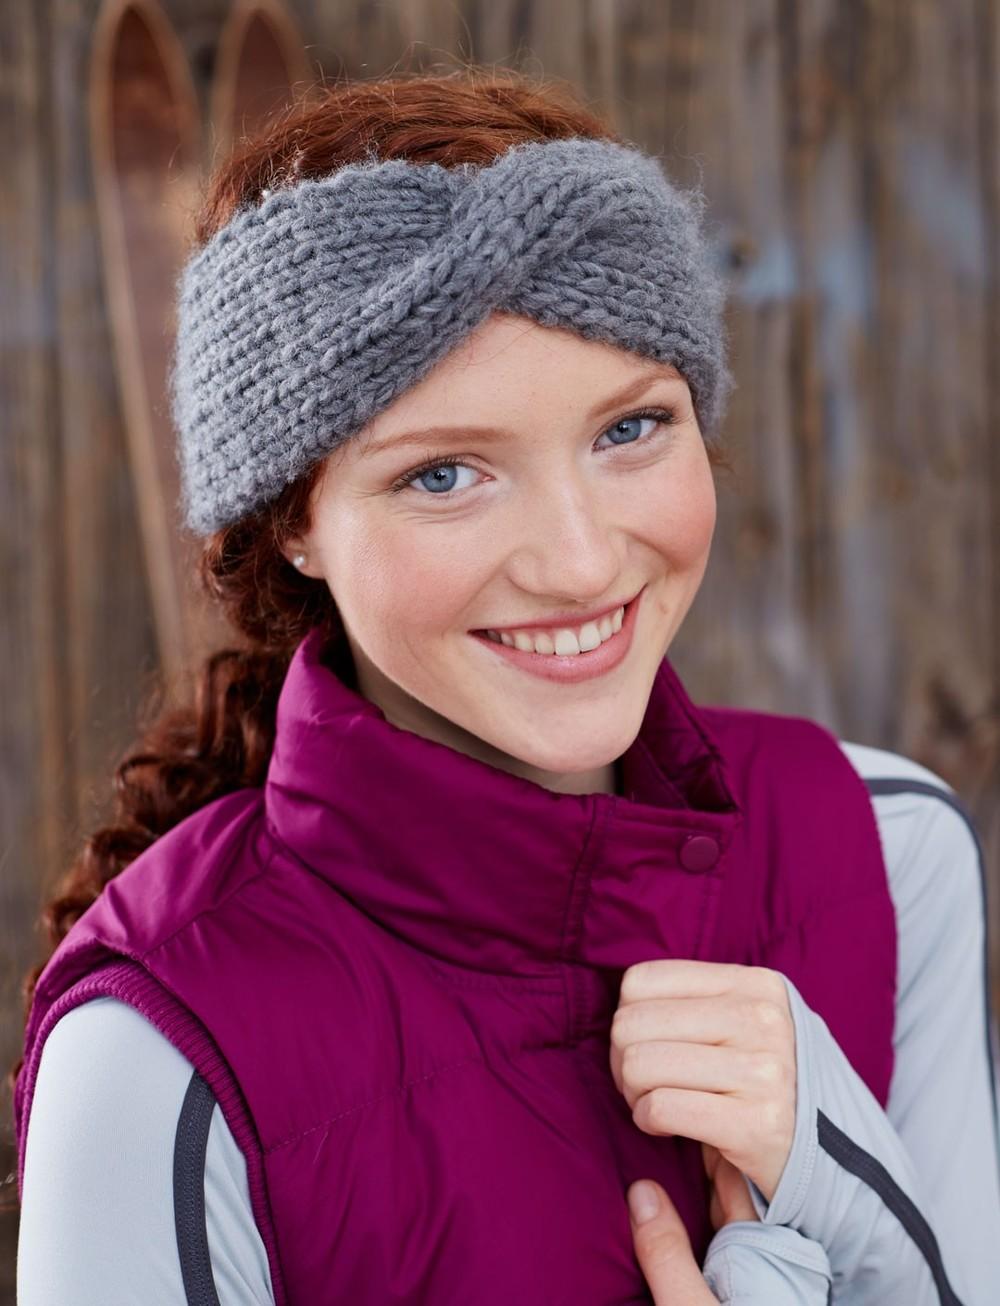 Twist Headband Knitting Pattern : Twisted Sister Headband AllFreeKnitting.com